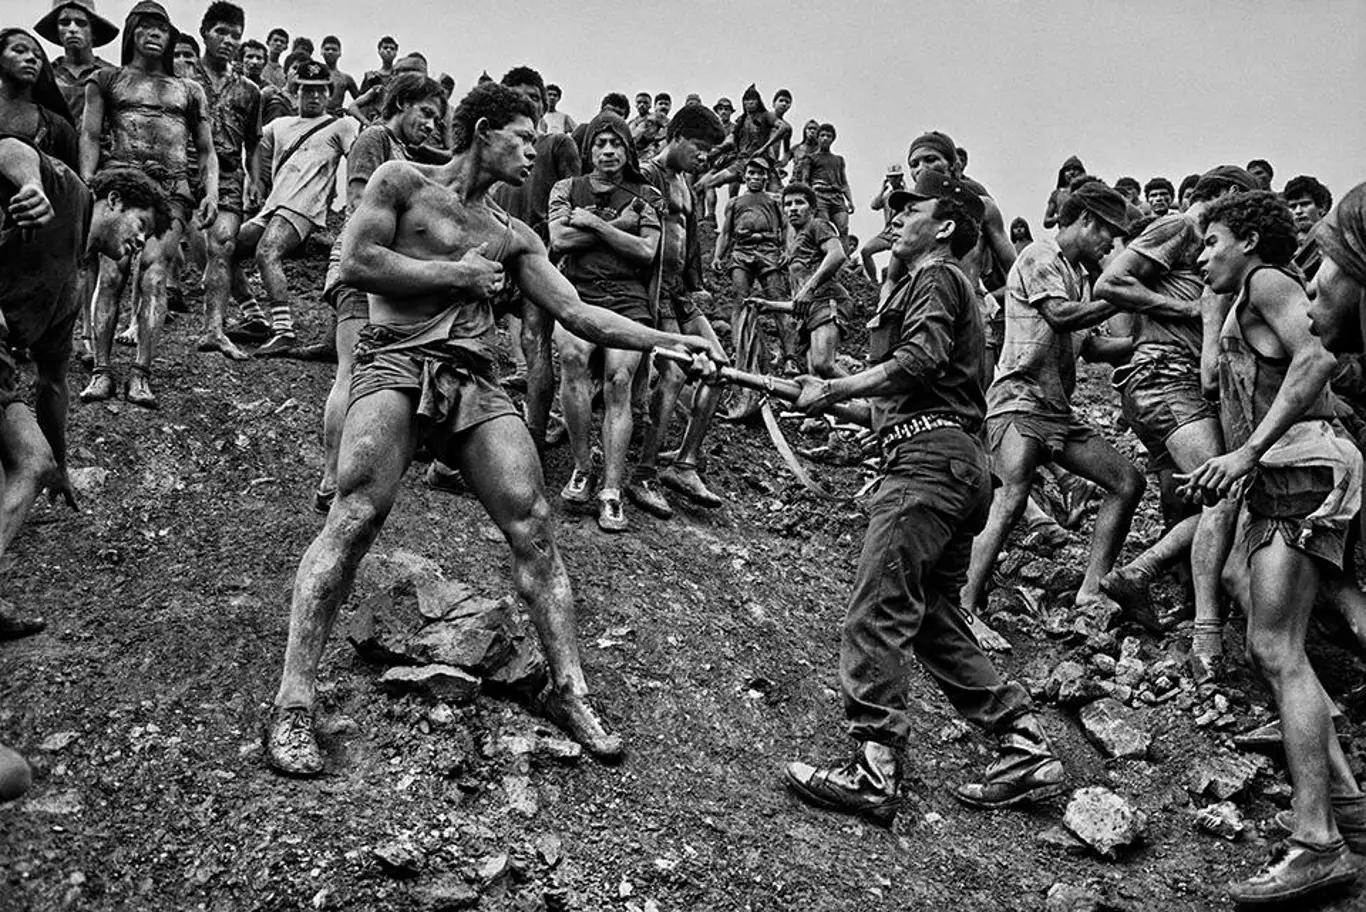 Una imagen en blanco y negro de dos hombres que parecen estar discutiendo, por el famoso fotógrafo Sebastião Salgado